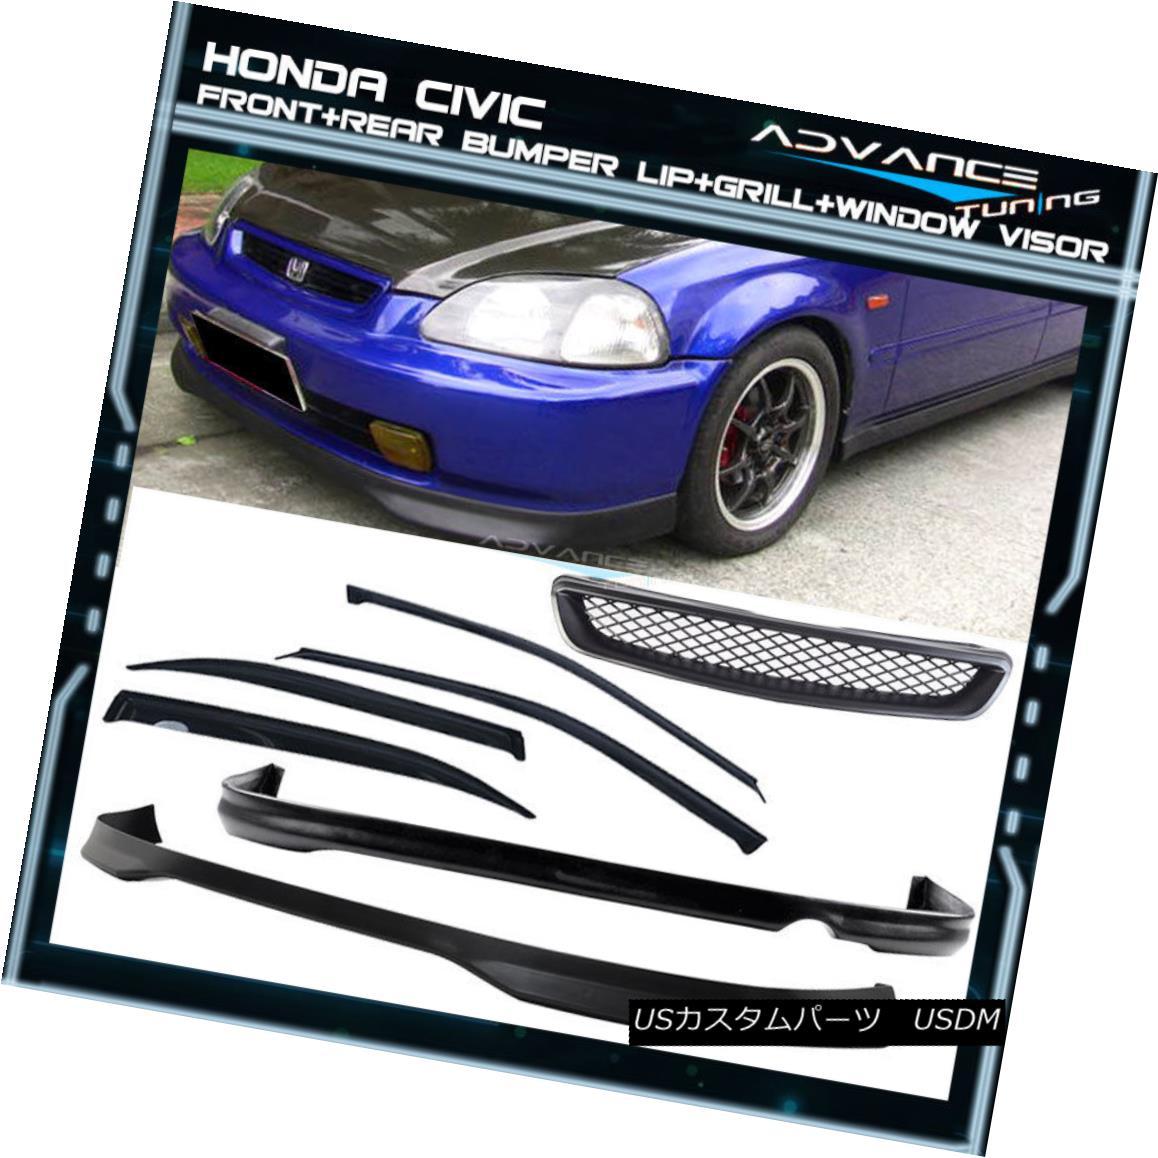 グリル Fits 96-98 Honda Civic 4D Front Rear Bumper Lip + Grill + Sun Window Visor フィット96-98ホンダシビック4Dフロントリアバンパーリップ+グリル+サンバイザバイザー